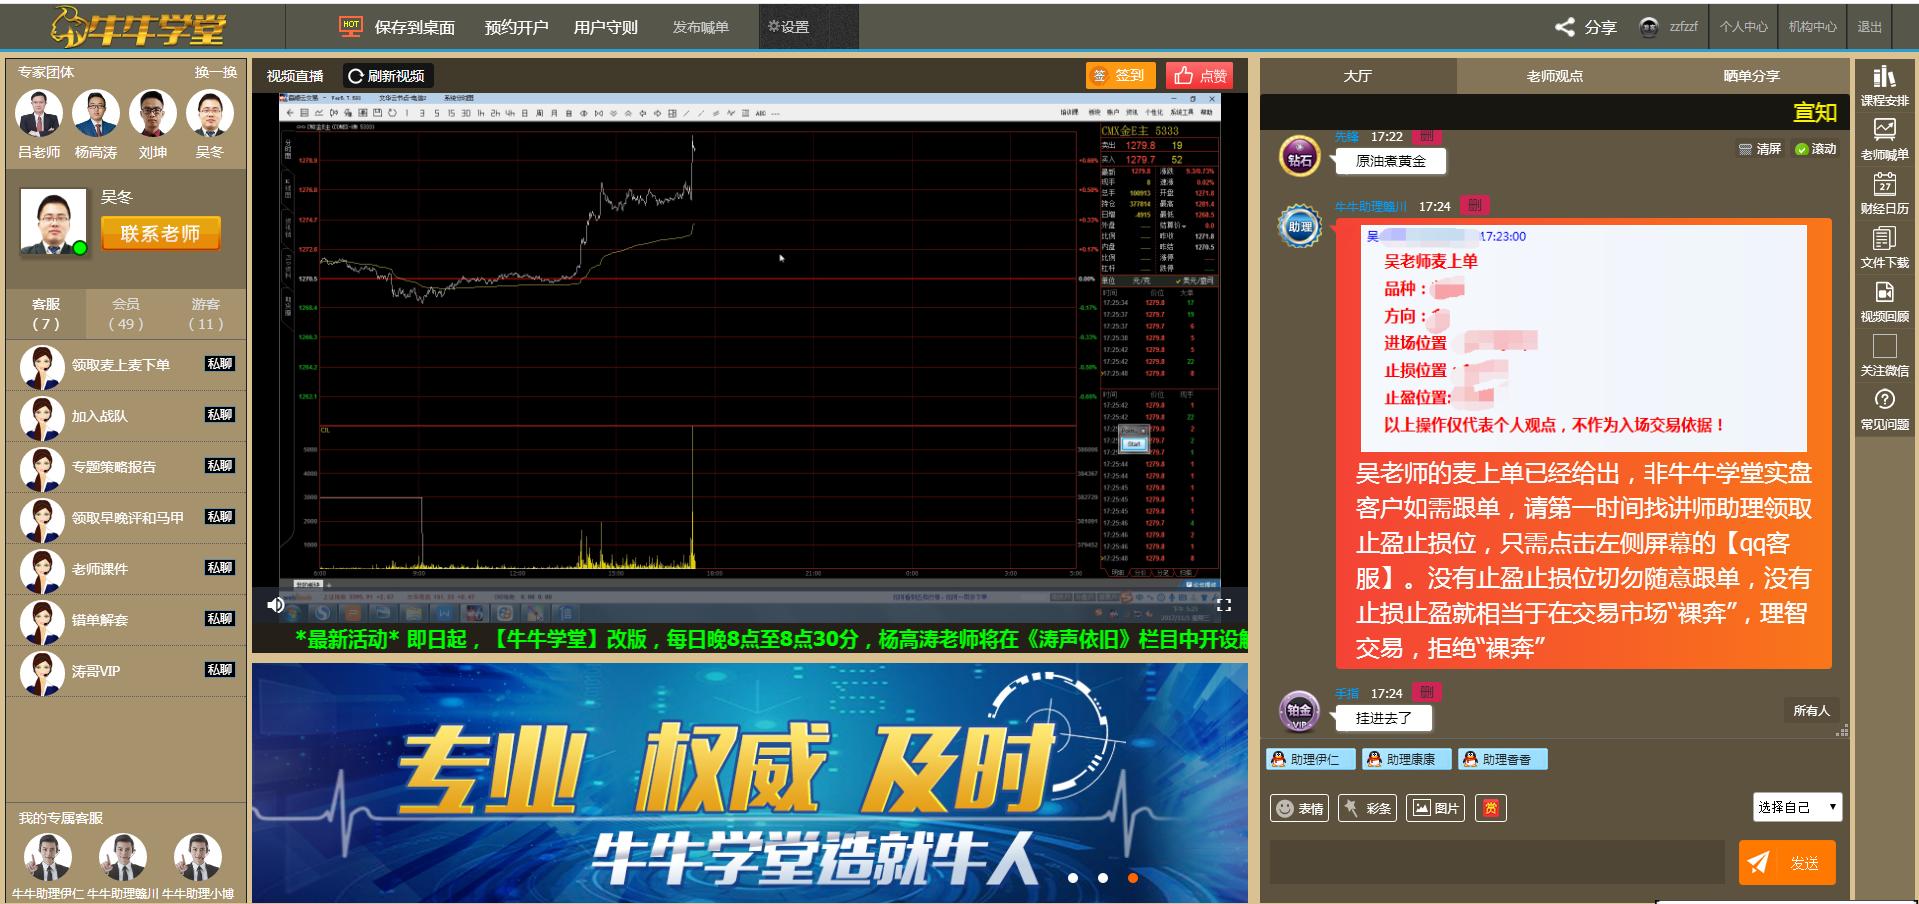 最大直播平台-在线直播系统平台-广州审观信息科技有限公司